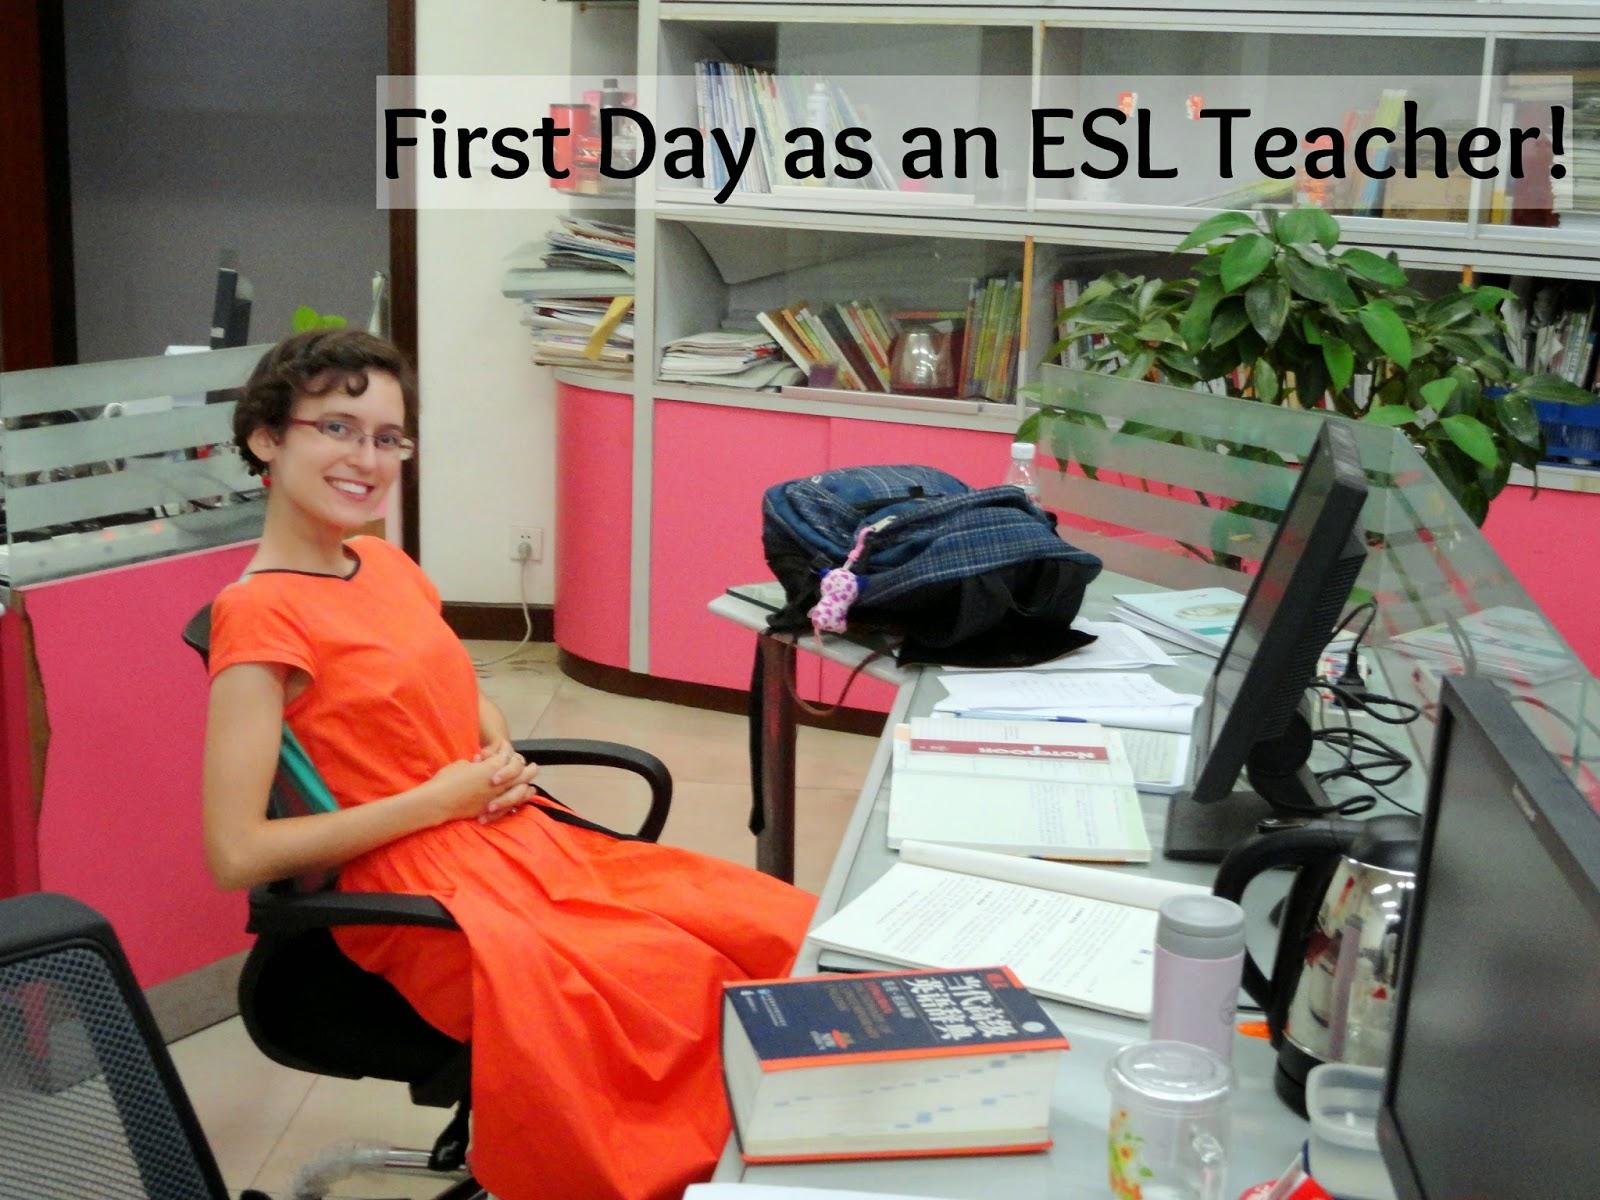 First Day as an ESL Teacher